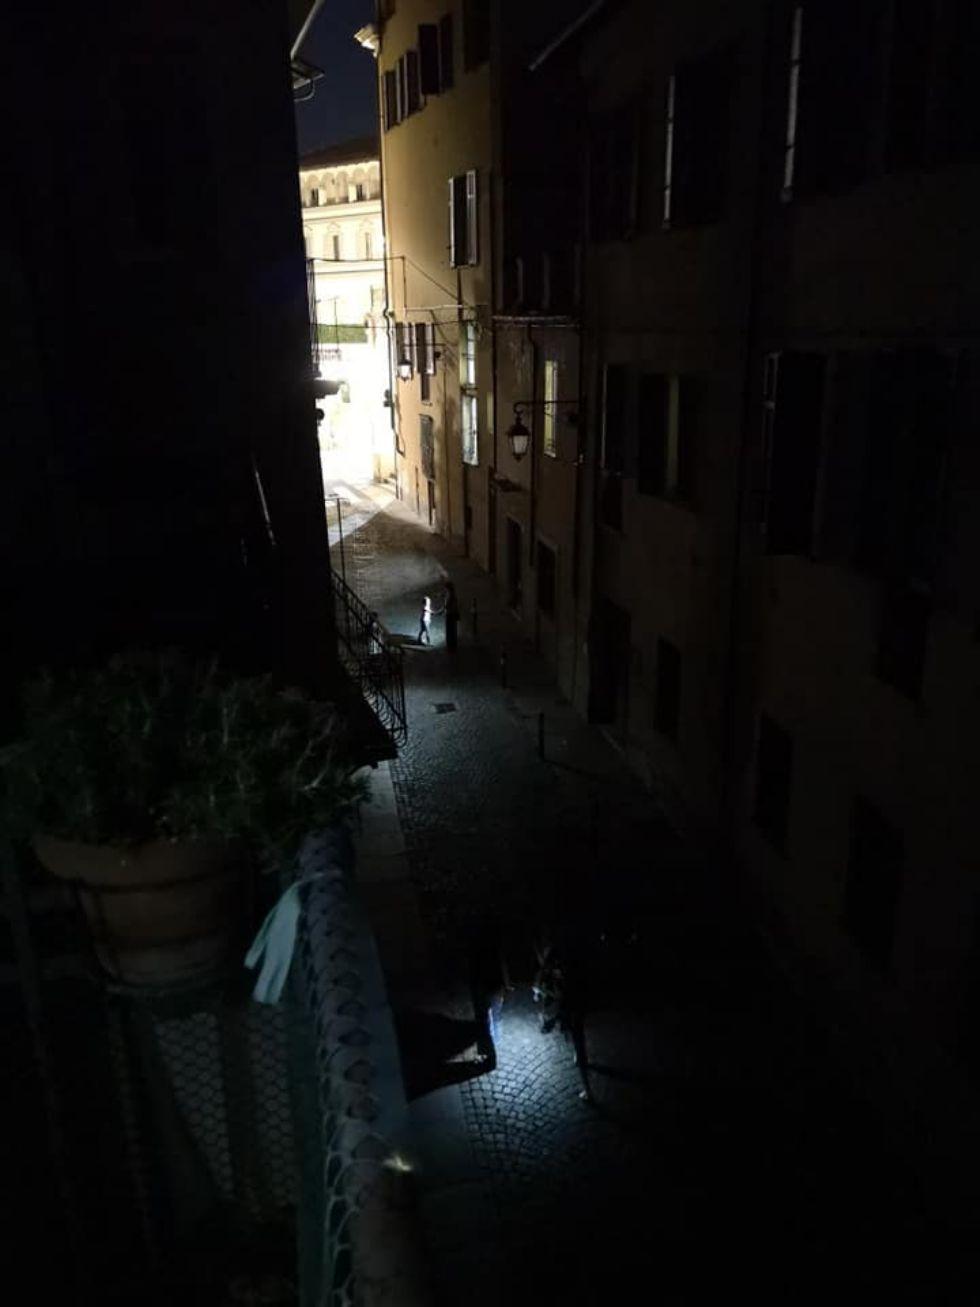 MONCALIERI - Blackout serale in via Santa Croce: forse un sovraccarico per i condizionatori